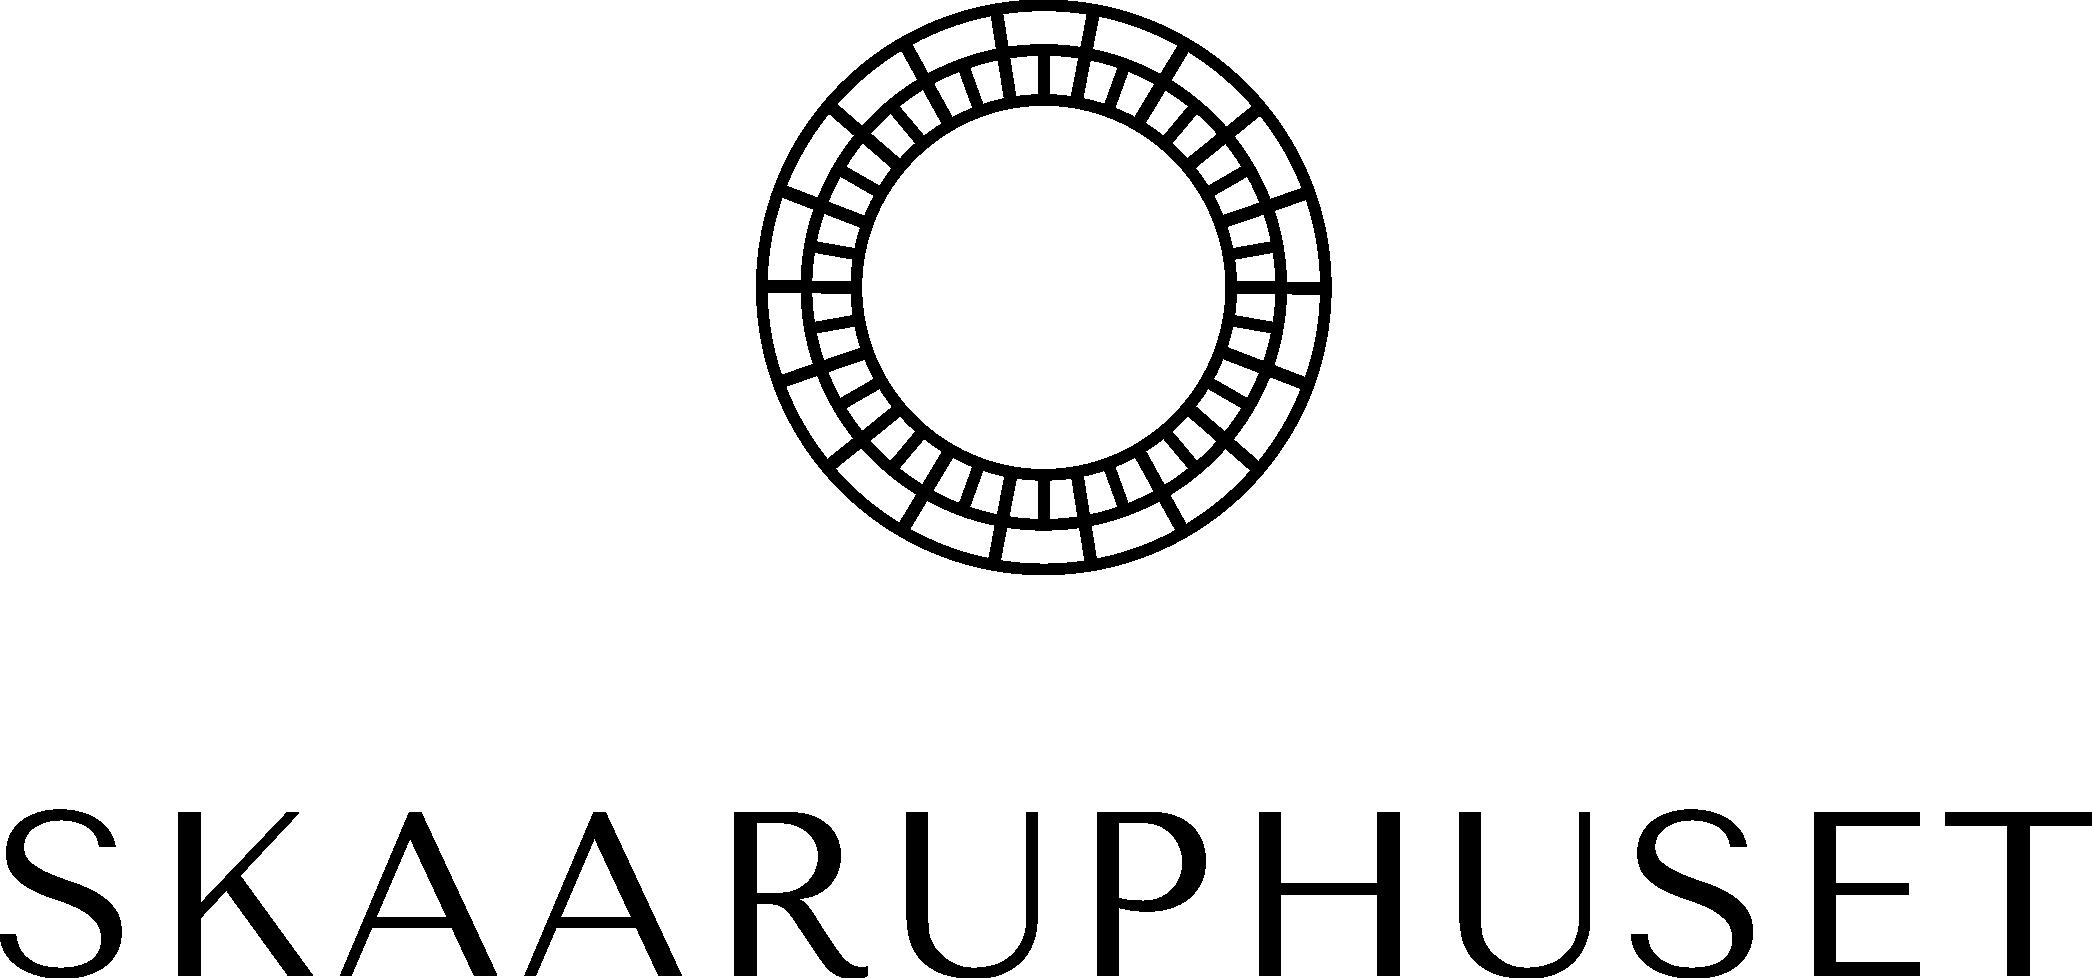 Skaaruphuset